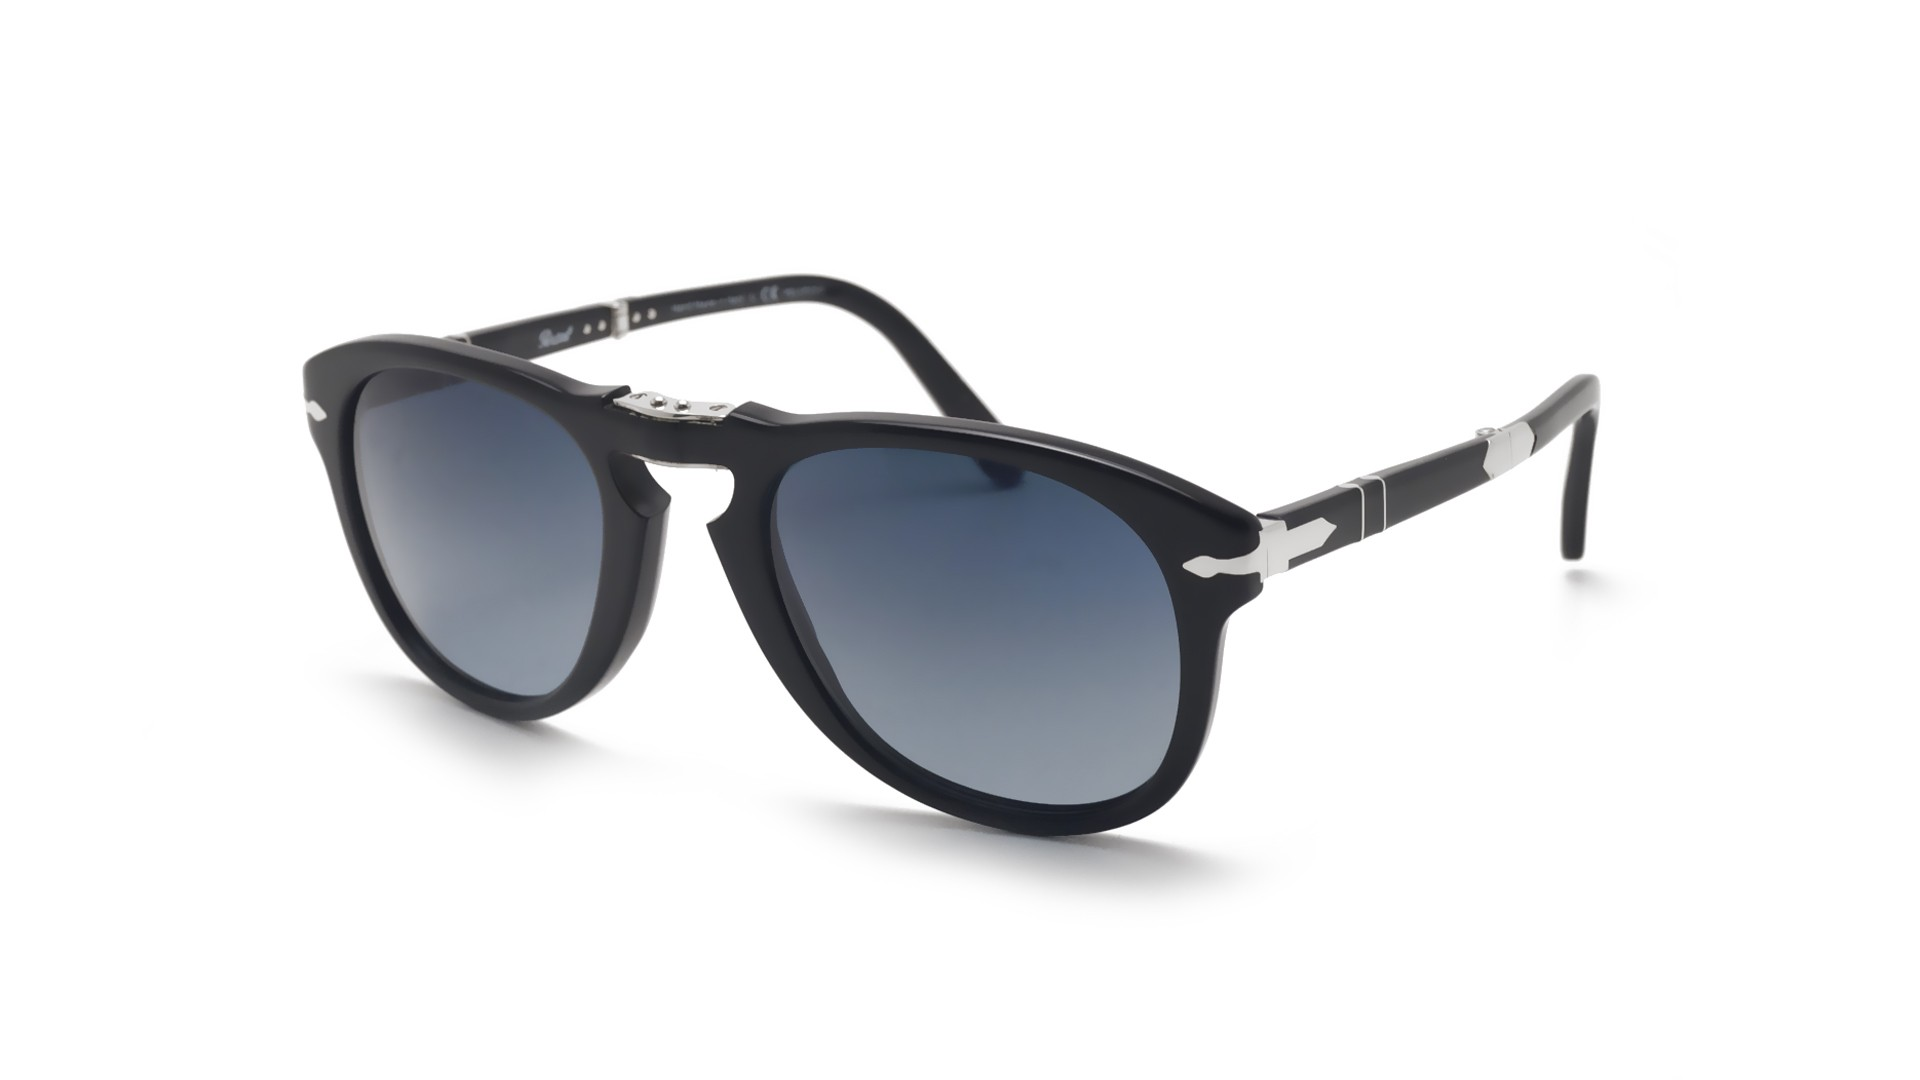 b5701e1542c Sunglasses Persol Steve Mcqueen Black PO0714SM 95 S3 52-21 Medium Folding  Polarized Gradient